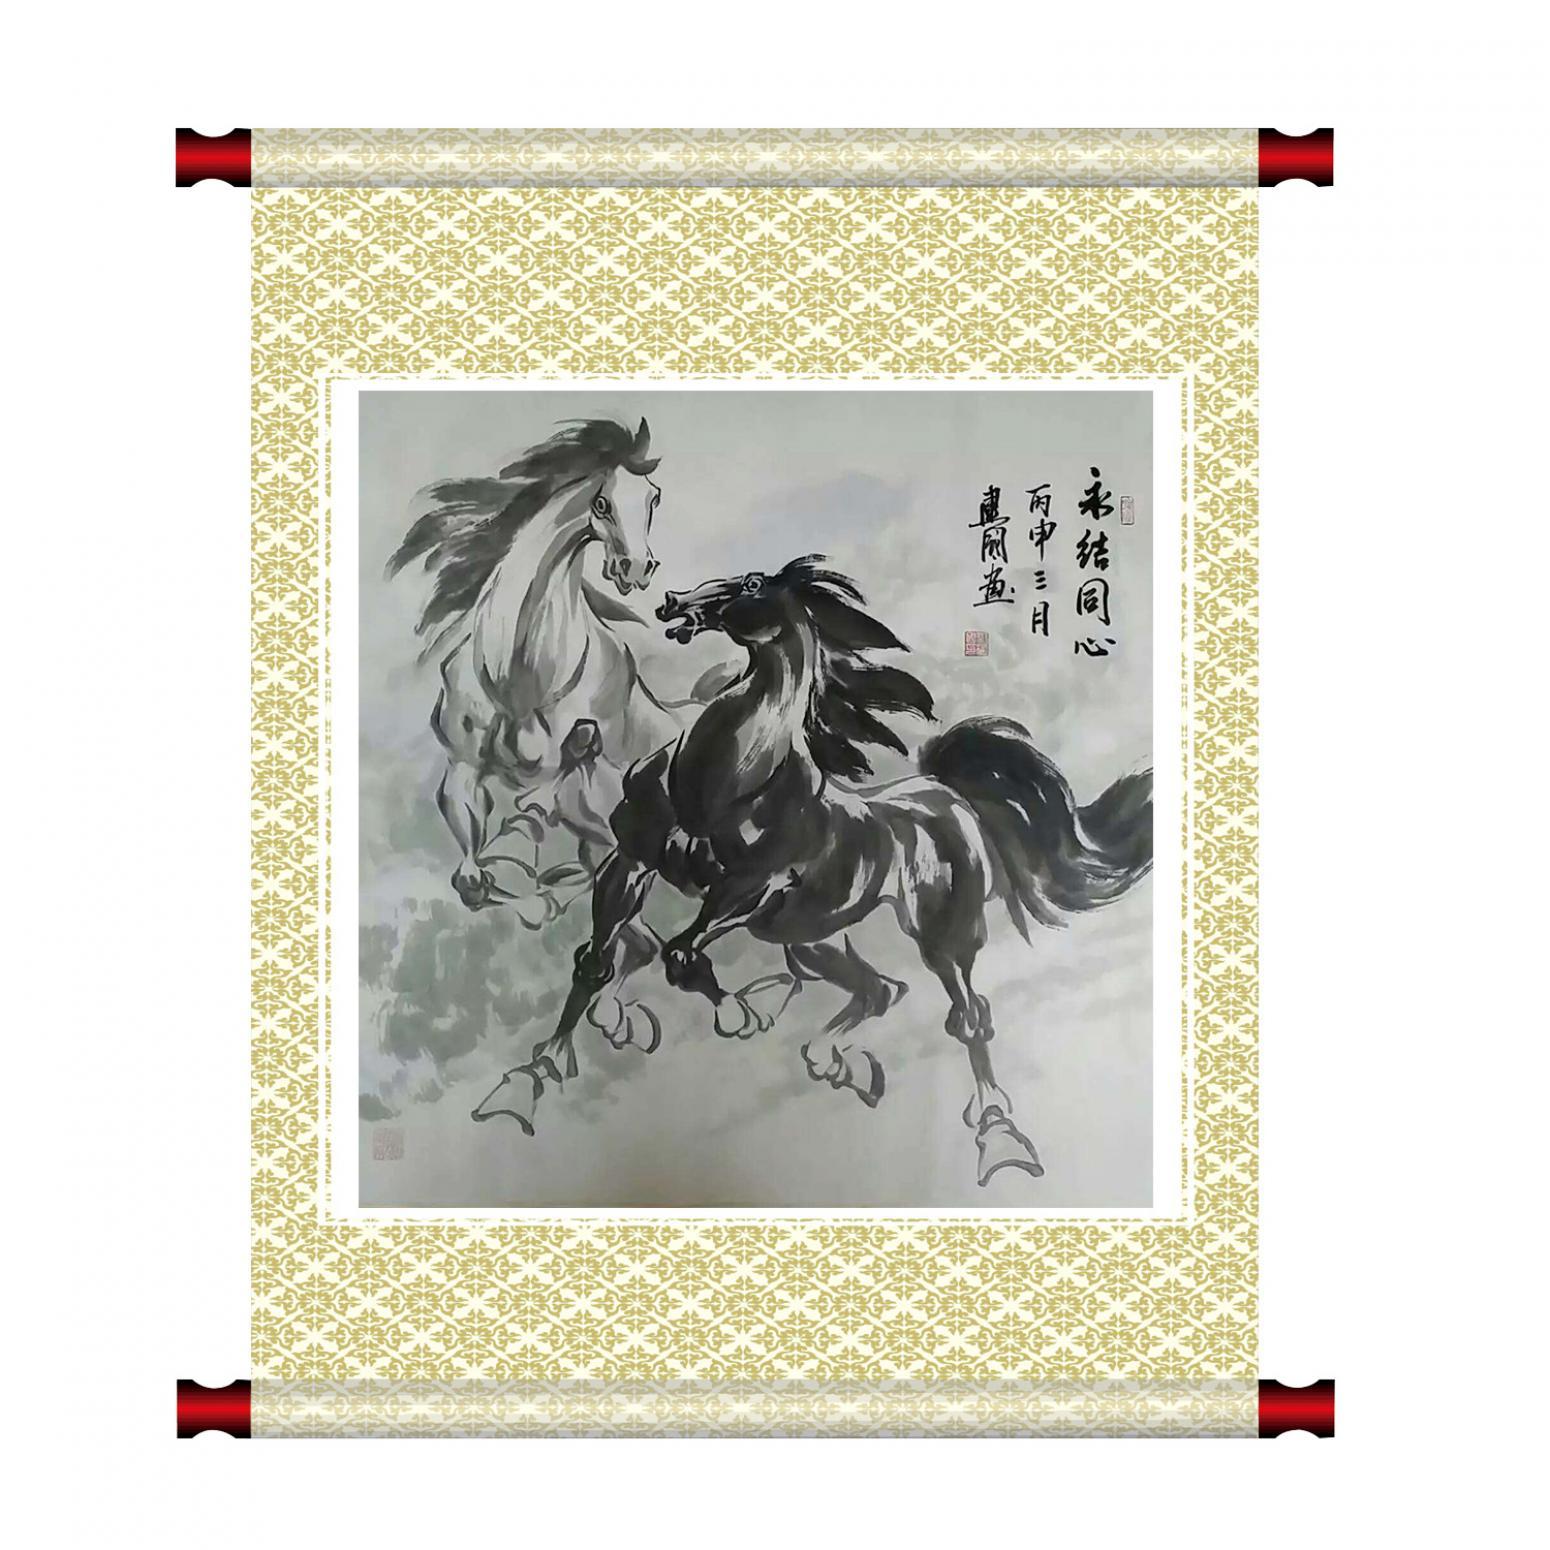 刘建国国画作品《【永结同心】作者刘建国》【图1】